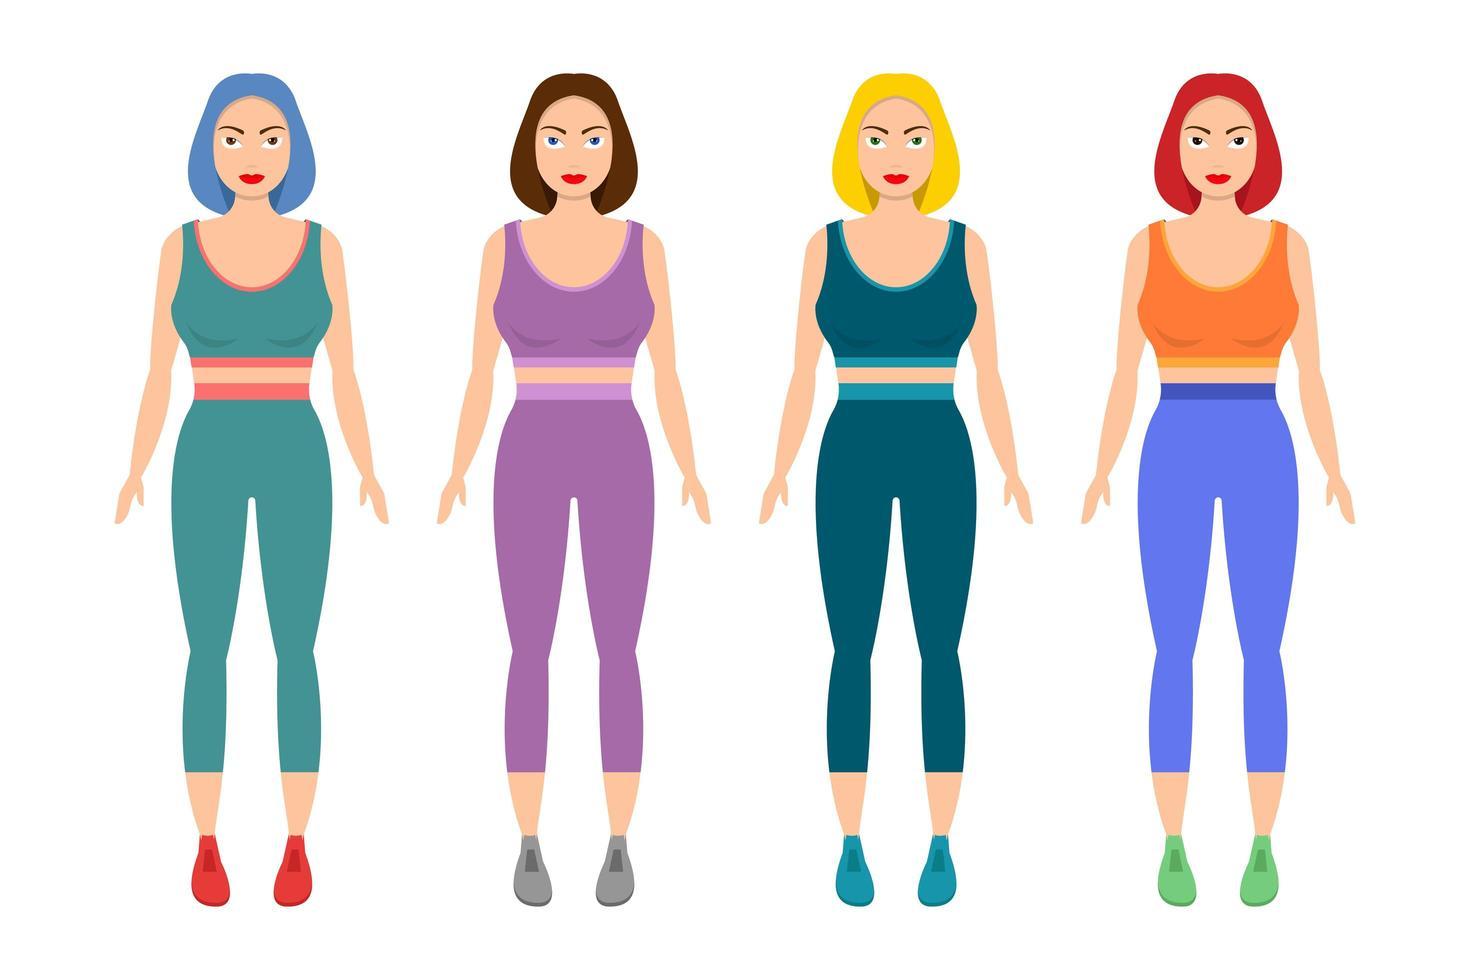 sportliche Frauenvektorentwurfsillustration lokalisiert auf weißem Hintergrund vektor